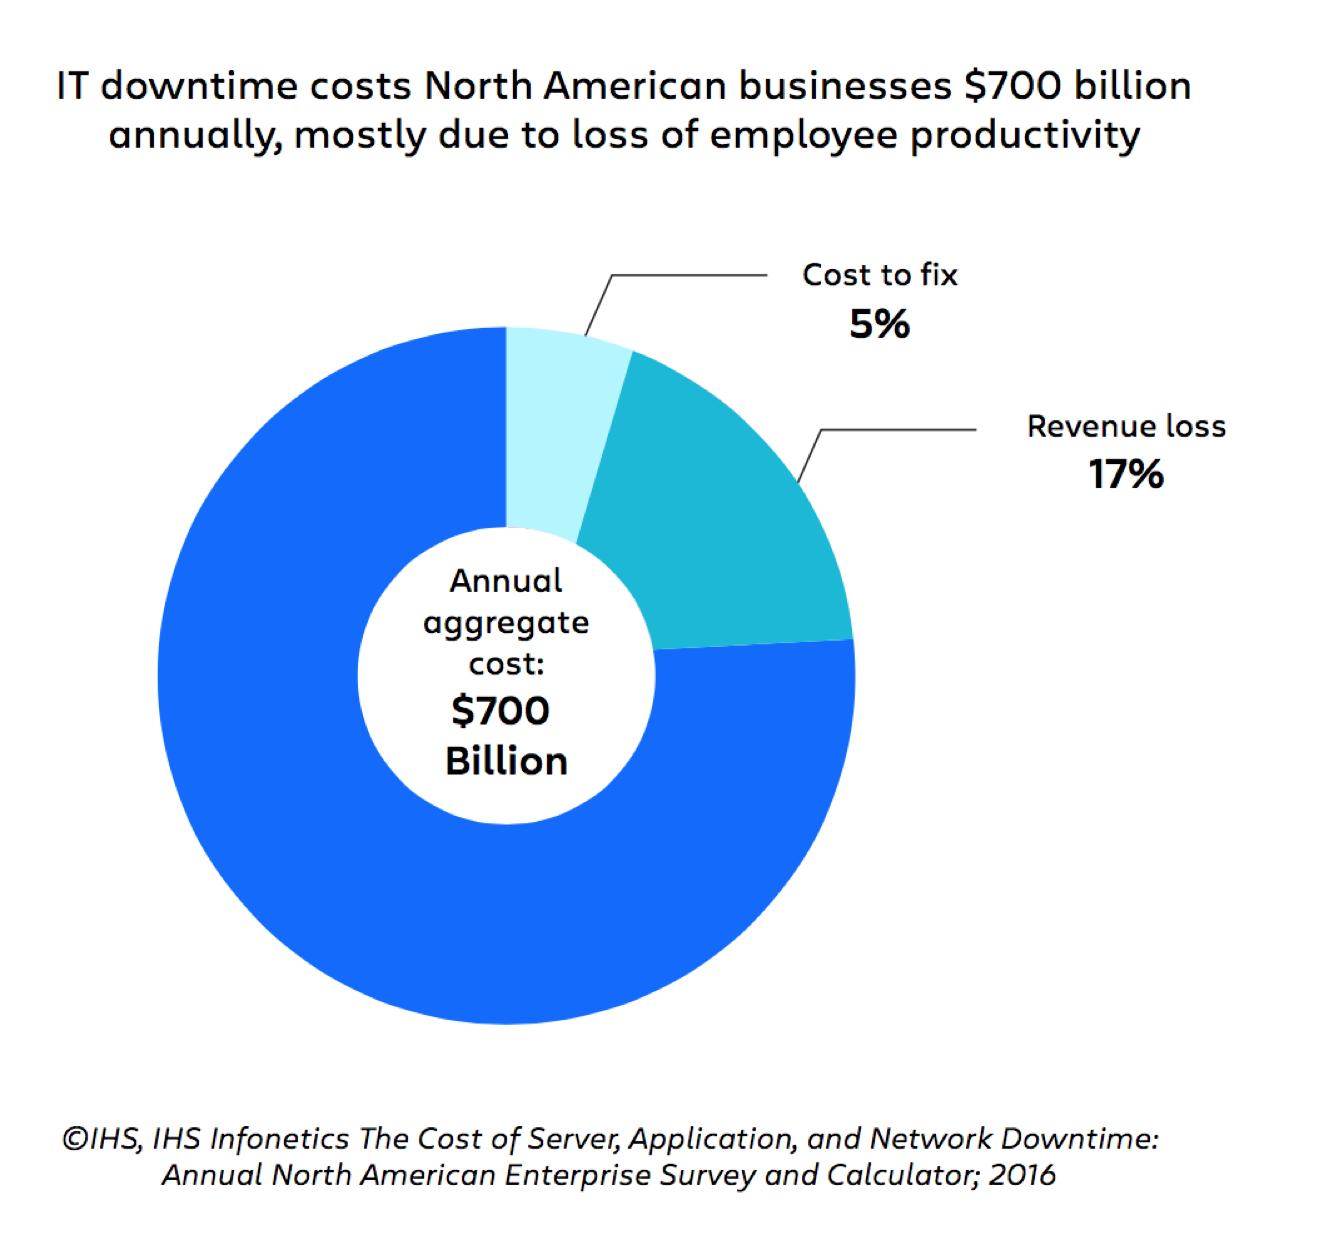 IT ダウンタイムを示す 9 ページの図では、従業員の生産性が圧倒的に最大のコストであることが強調されています。北米企業の IT ダウンタイムは、主に従業員の生産性の低下が原因で年間 7,000 億ドルの費用に繋がっています。